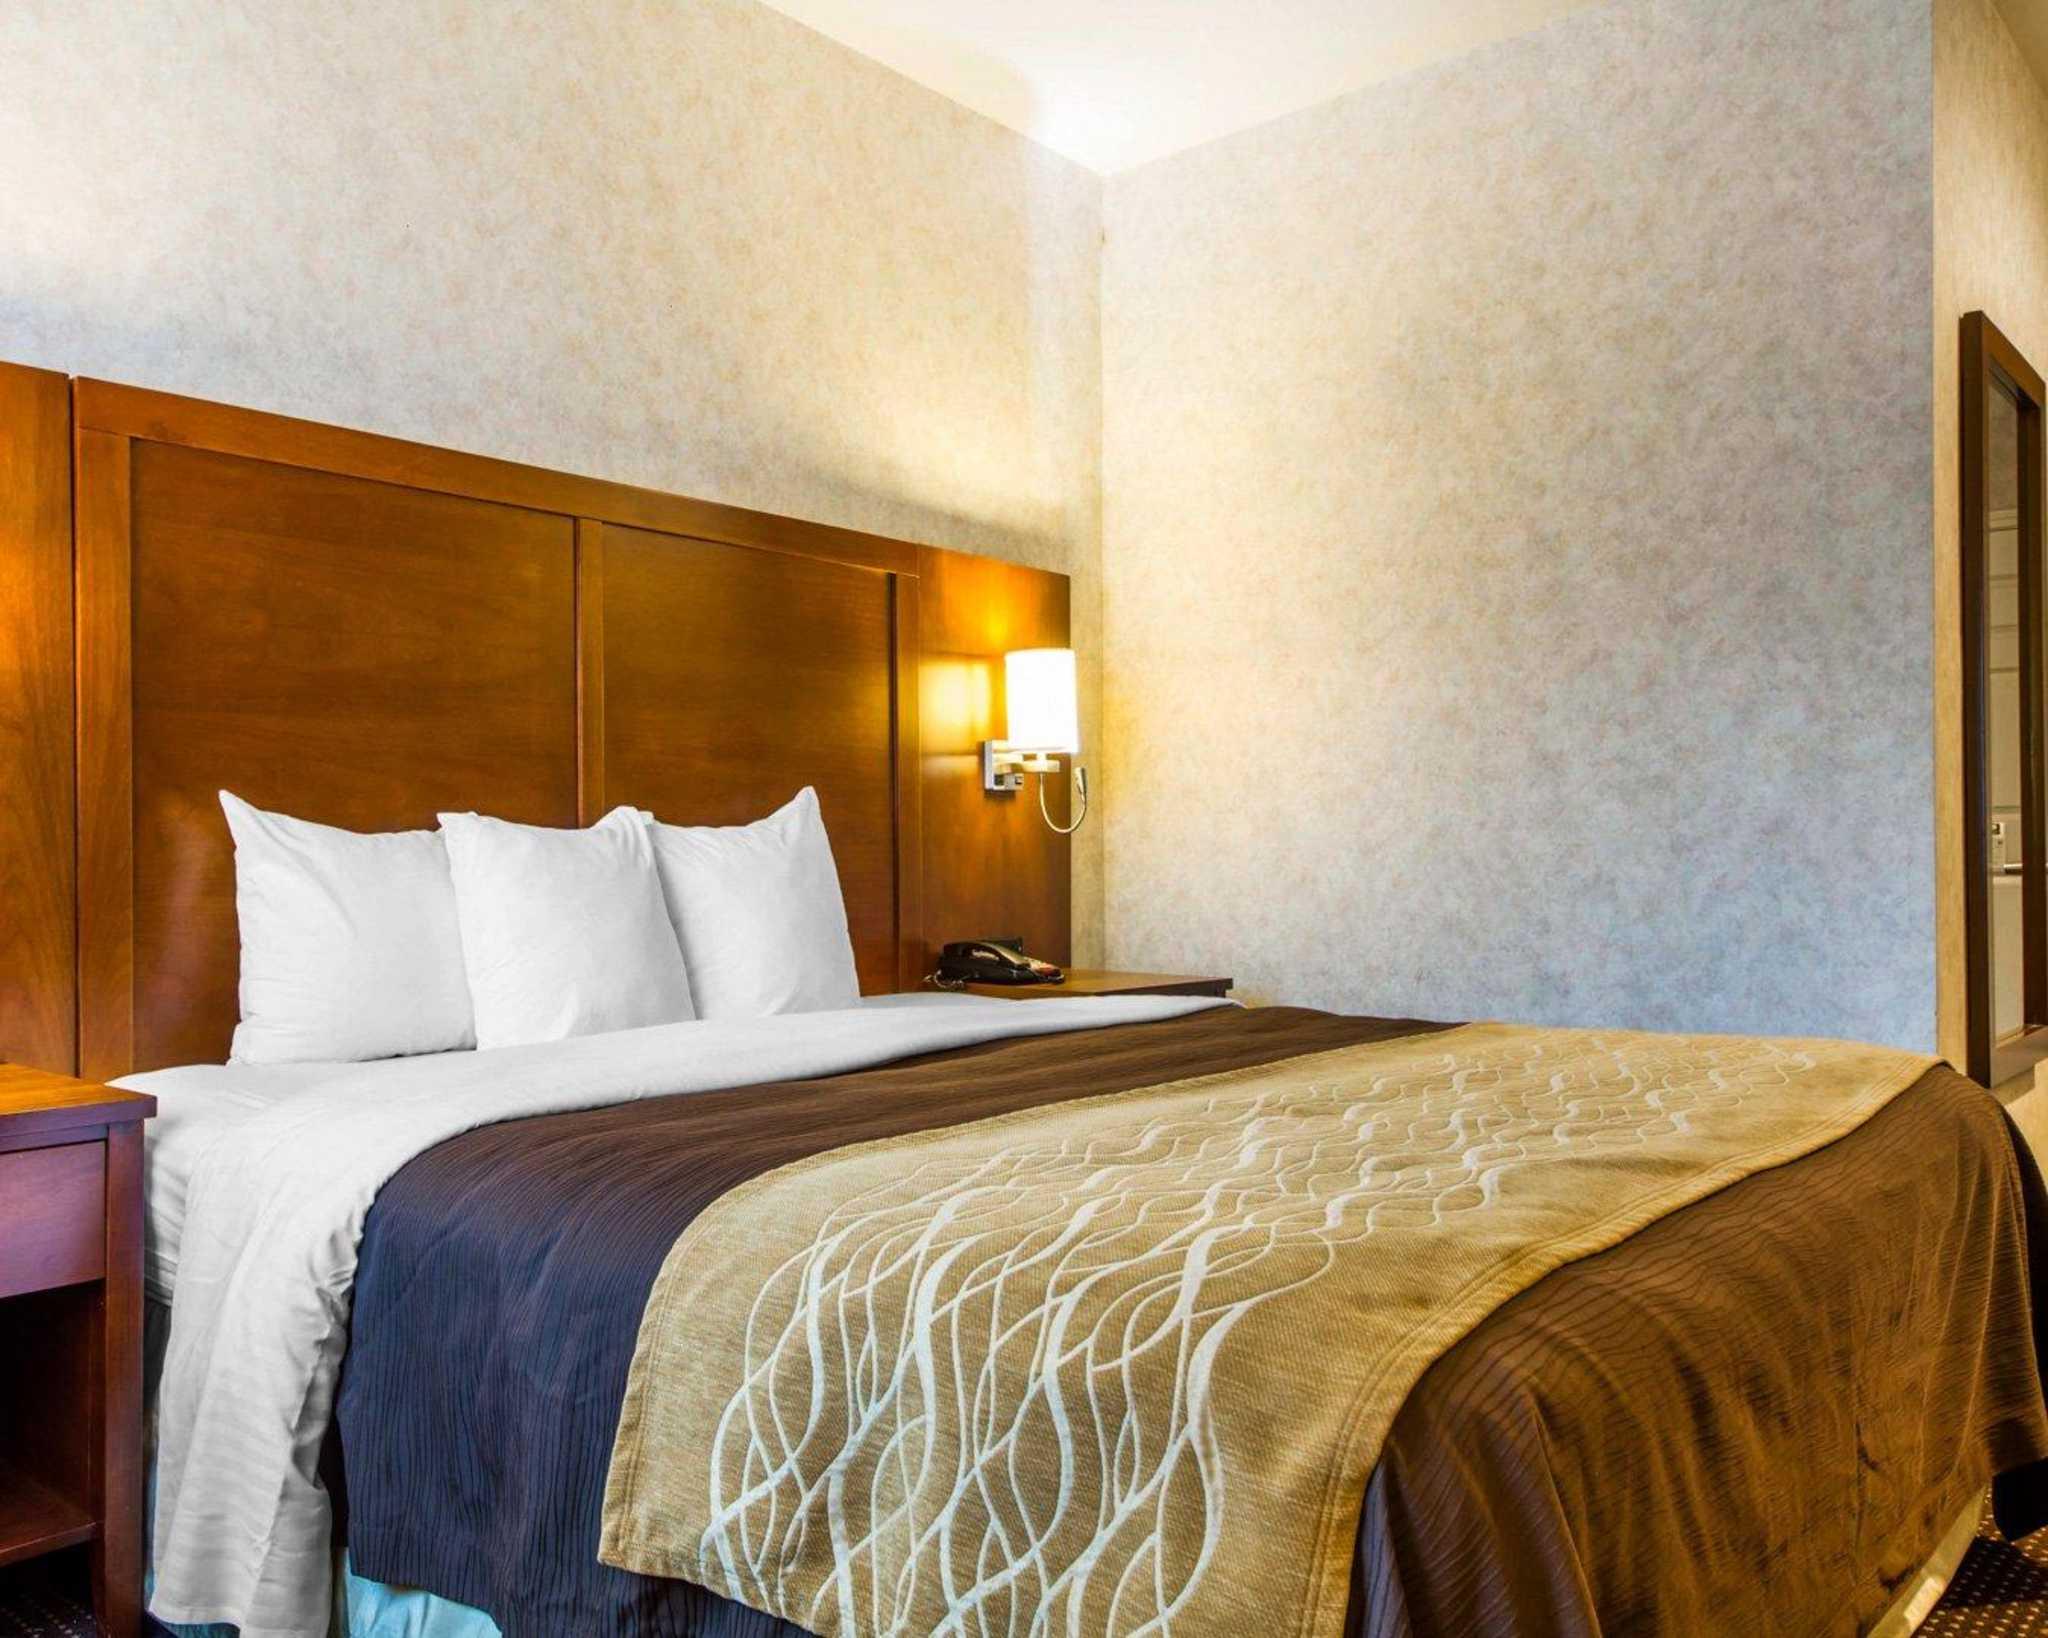 Comfort Inn image 9